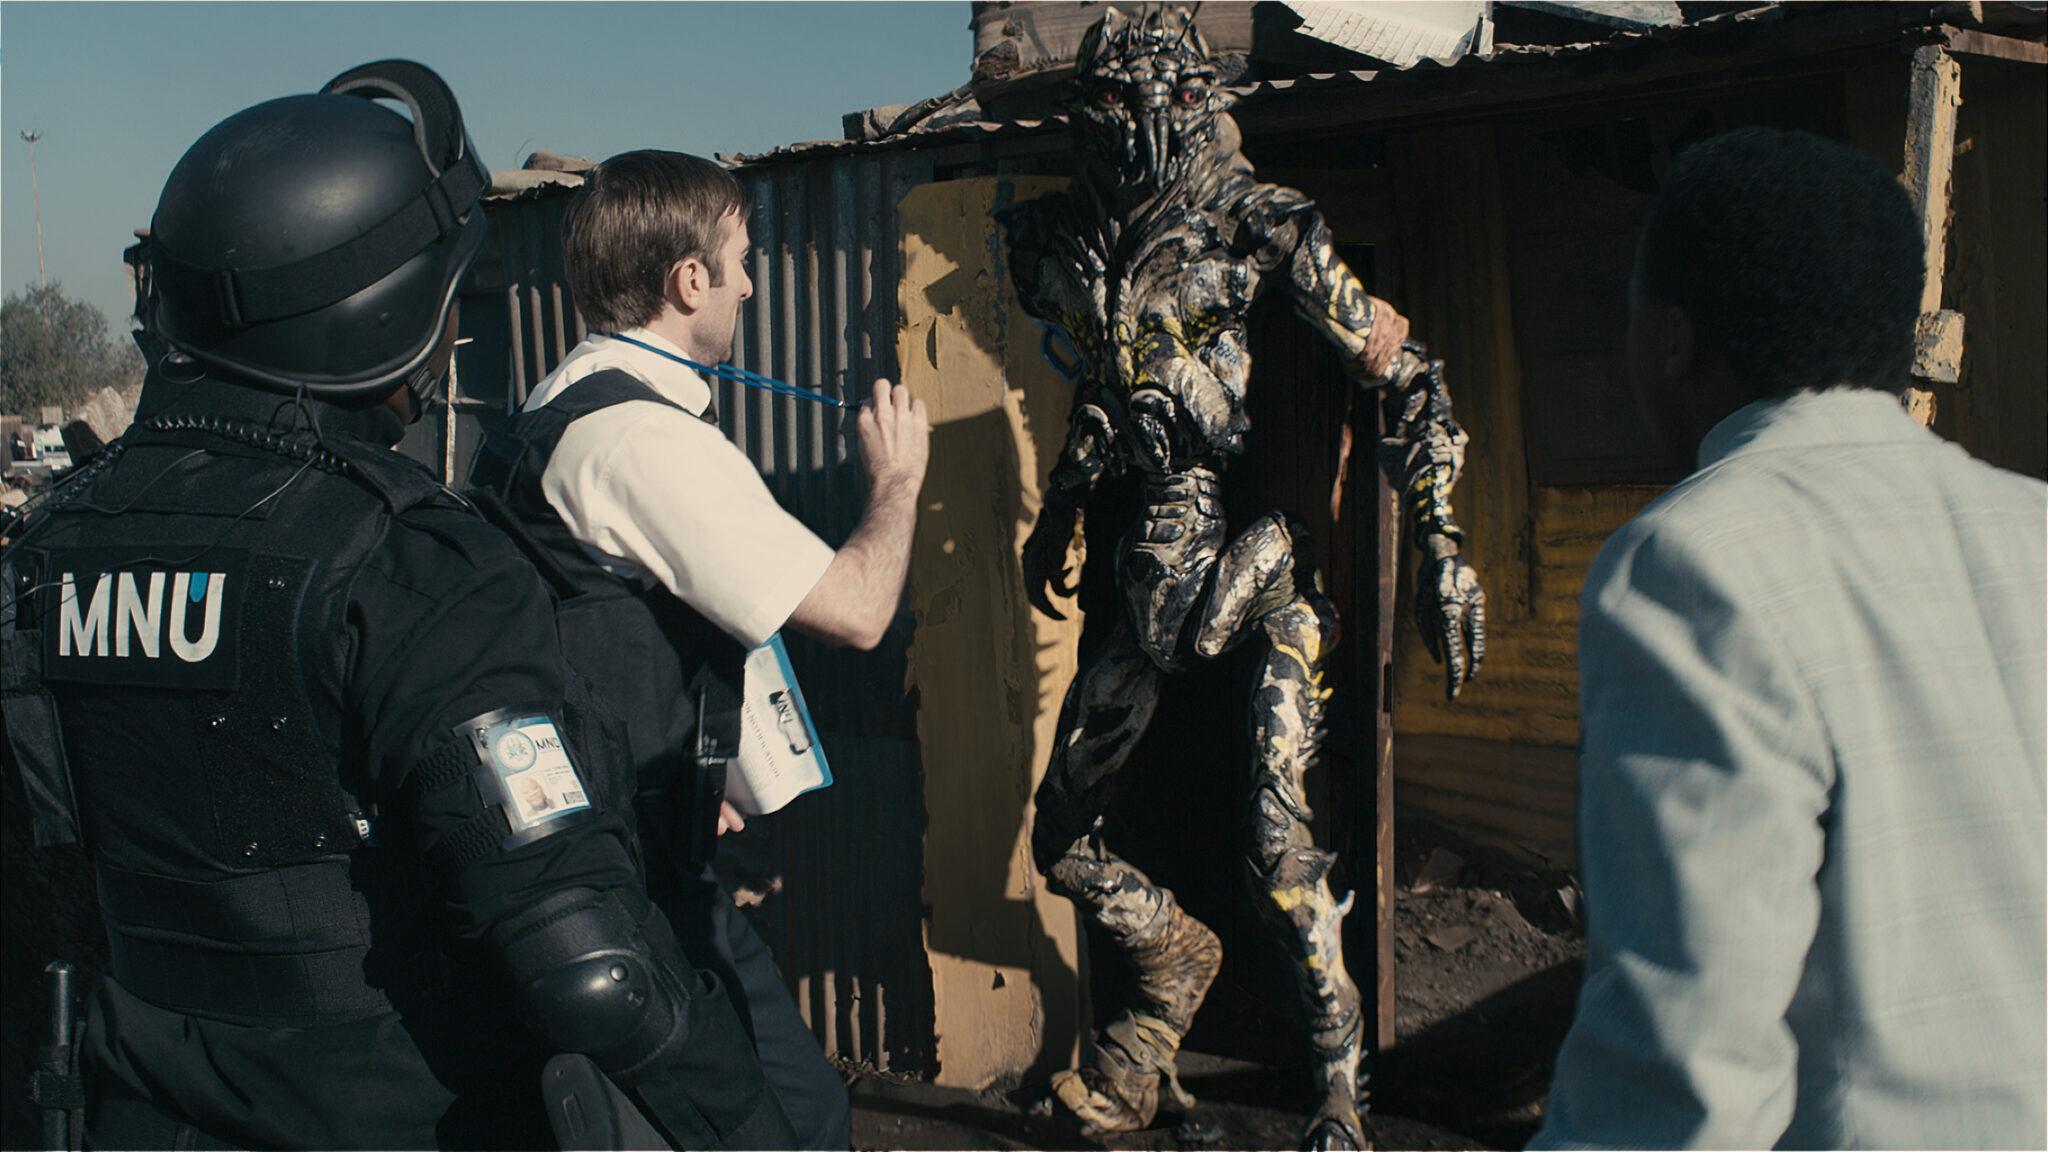 Wikus van der Merwe weist sich gegenüber einem Alien aus